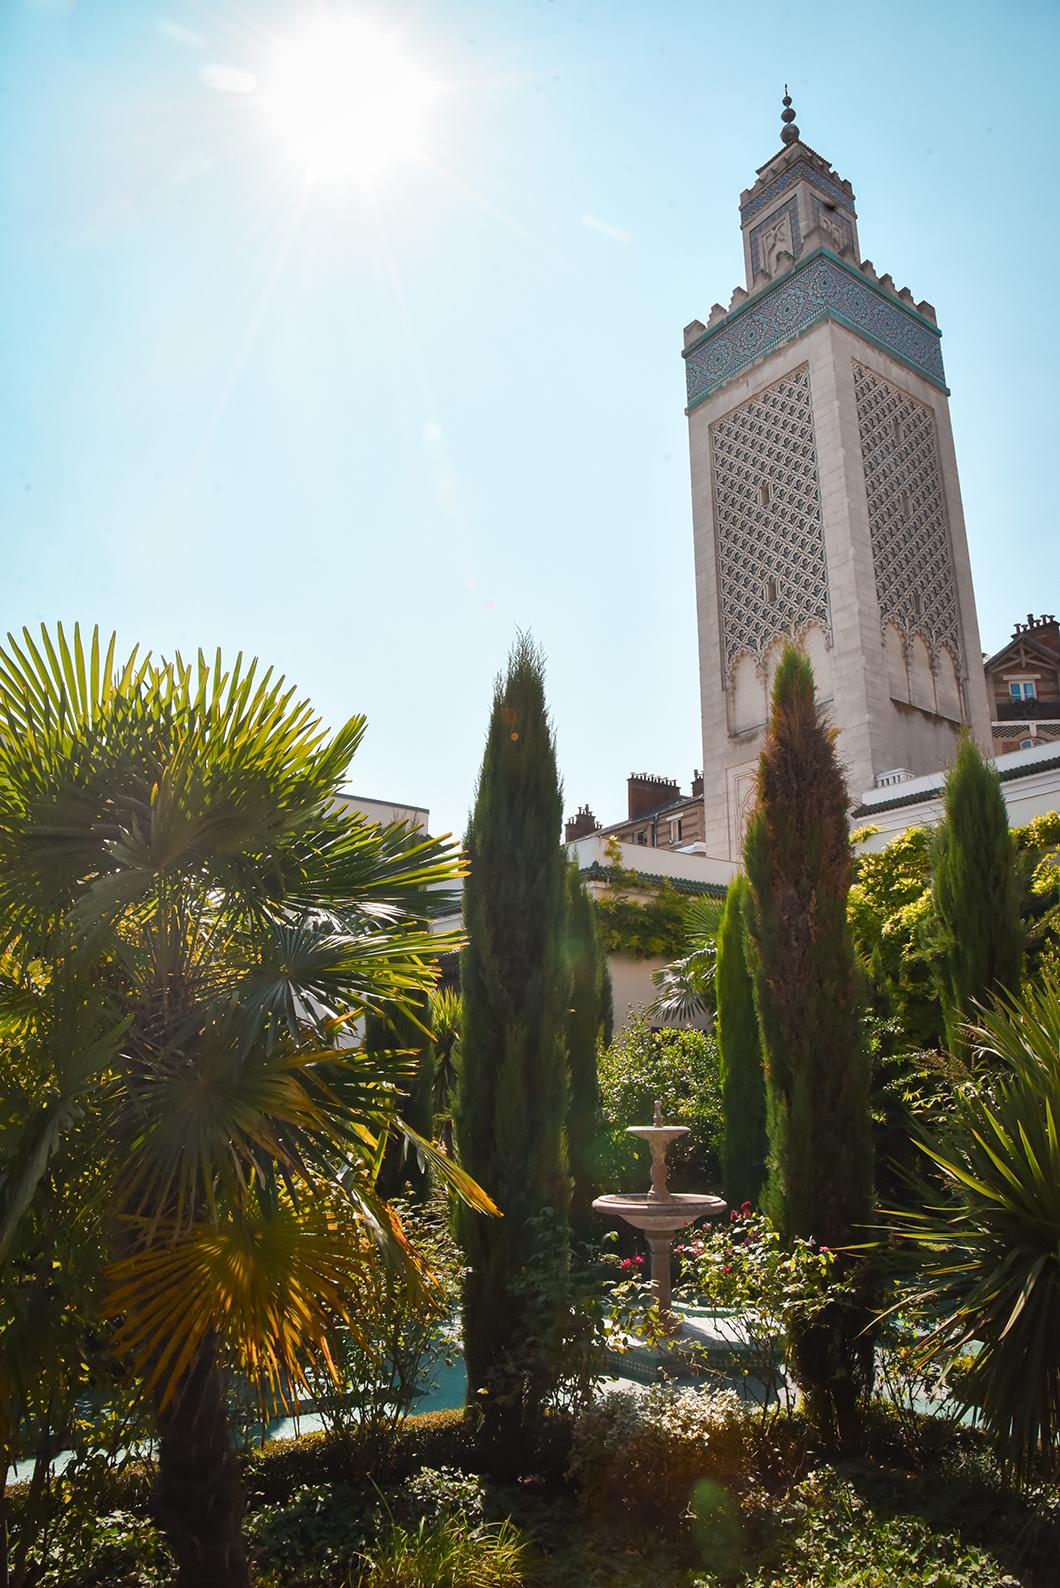 Grande mosquée, 5 ème arrondissement de Paris